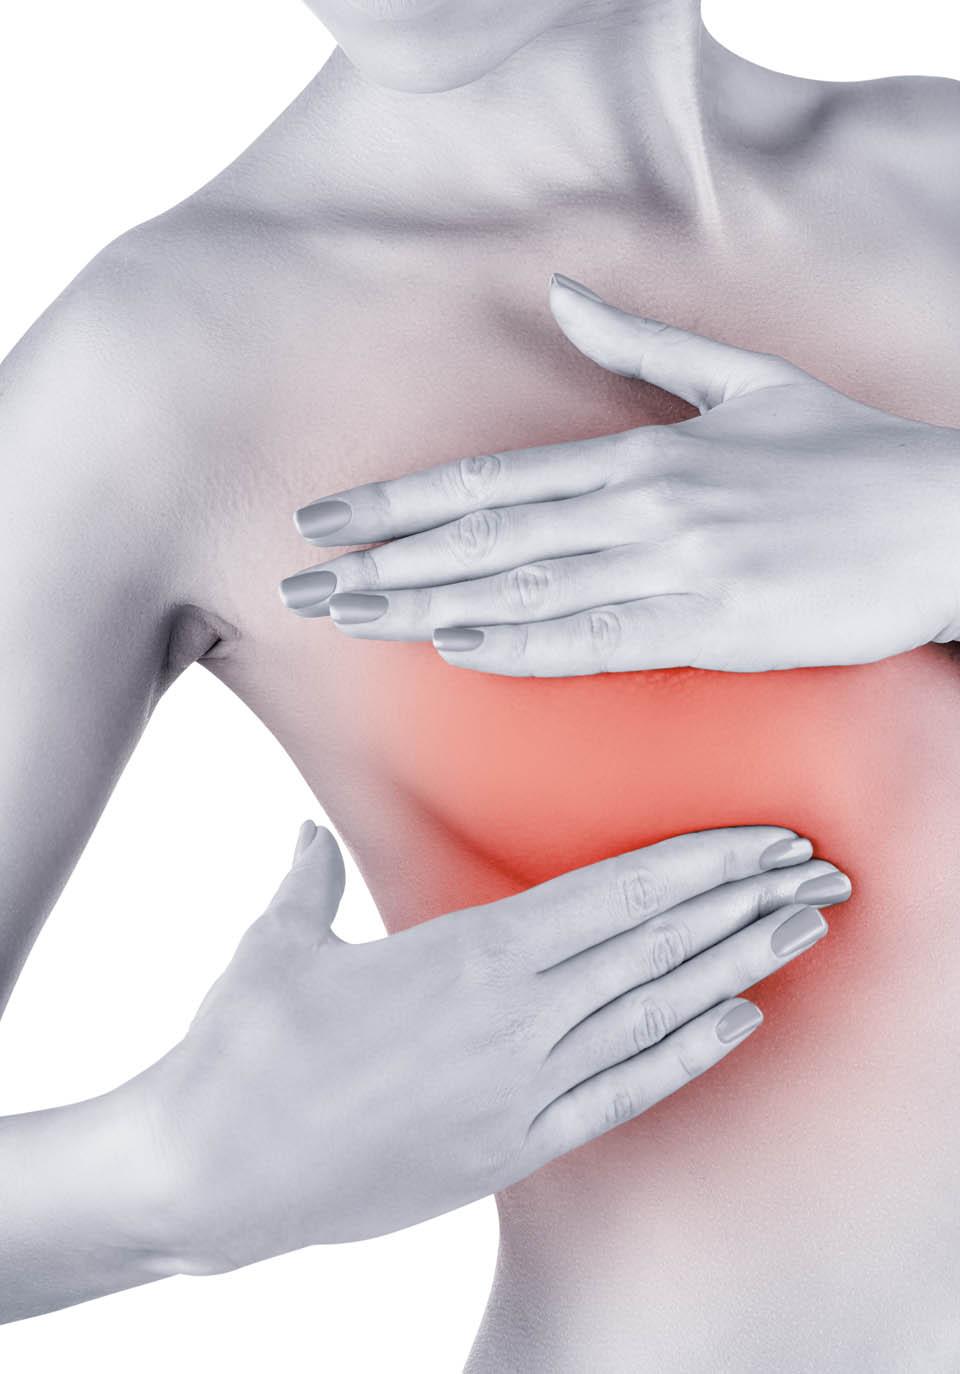 Mastectomia y reconstrucción mamaria | Cirujano Plástico Dra. Carmen Huertas